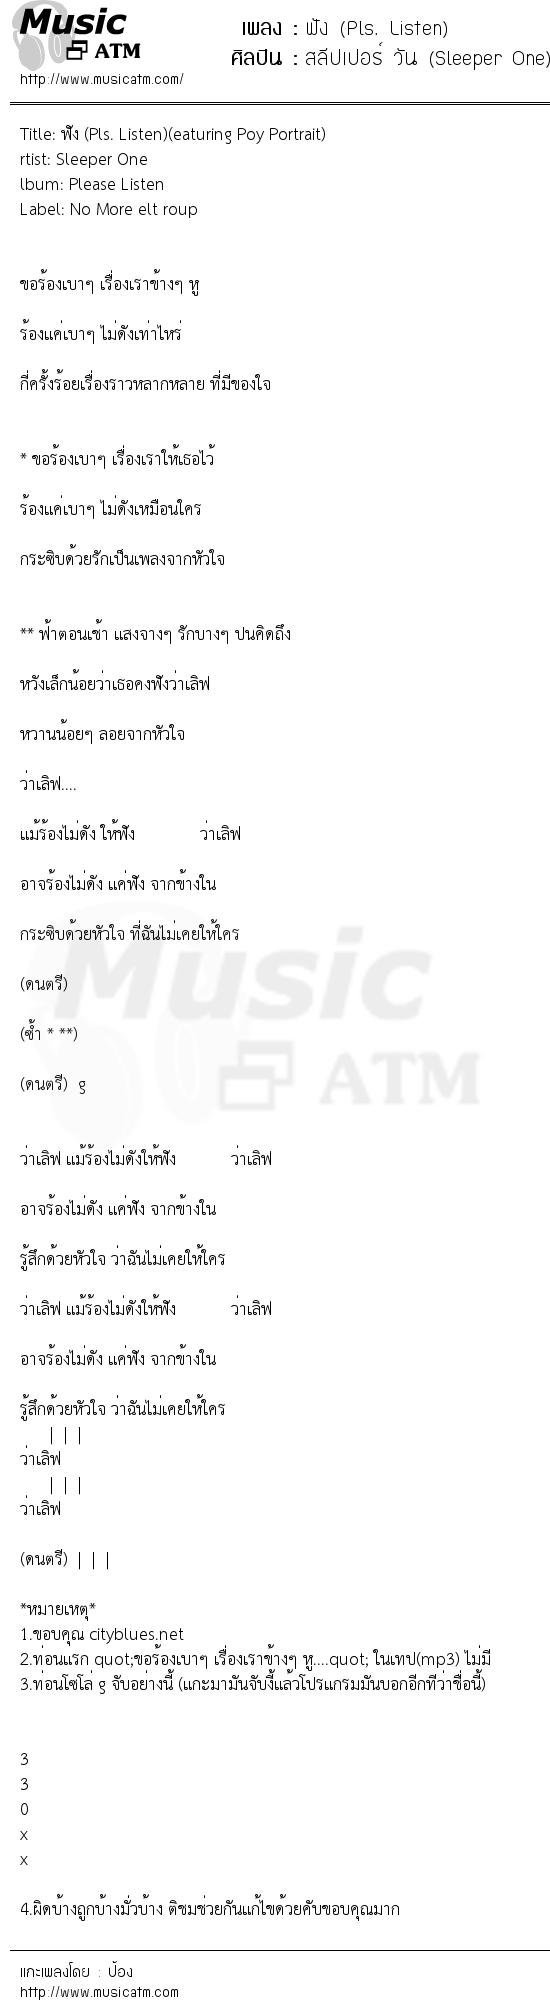 เนื้อเพลง ฟัง (Pls. Listen) - สลีปเปอร์ วัน (Sleeper One) | เพลงไทย